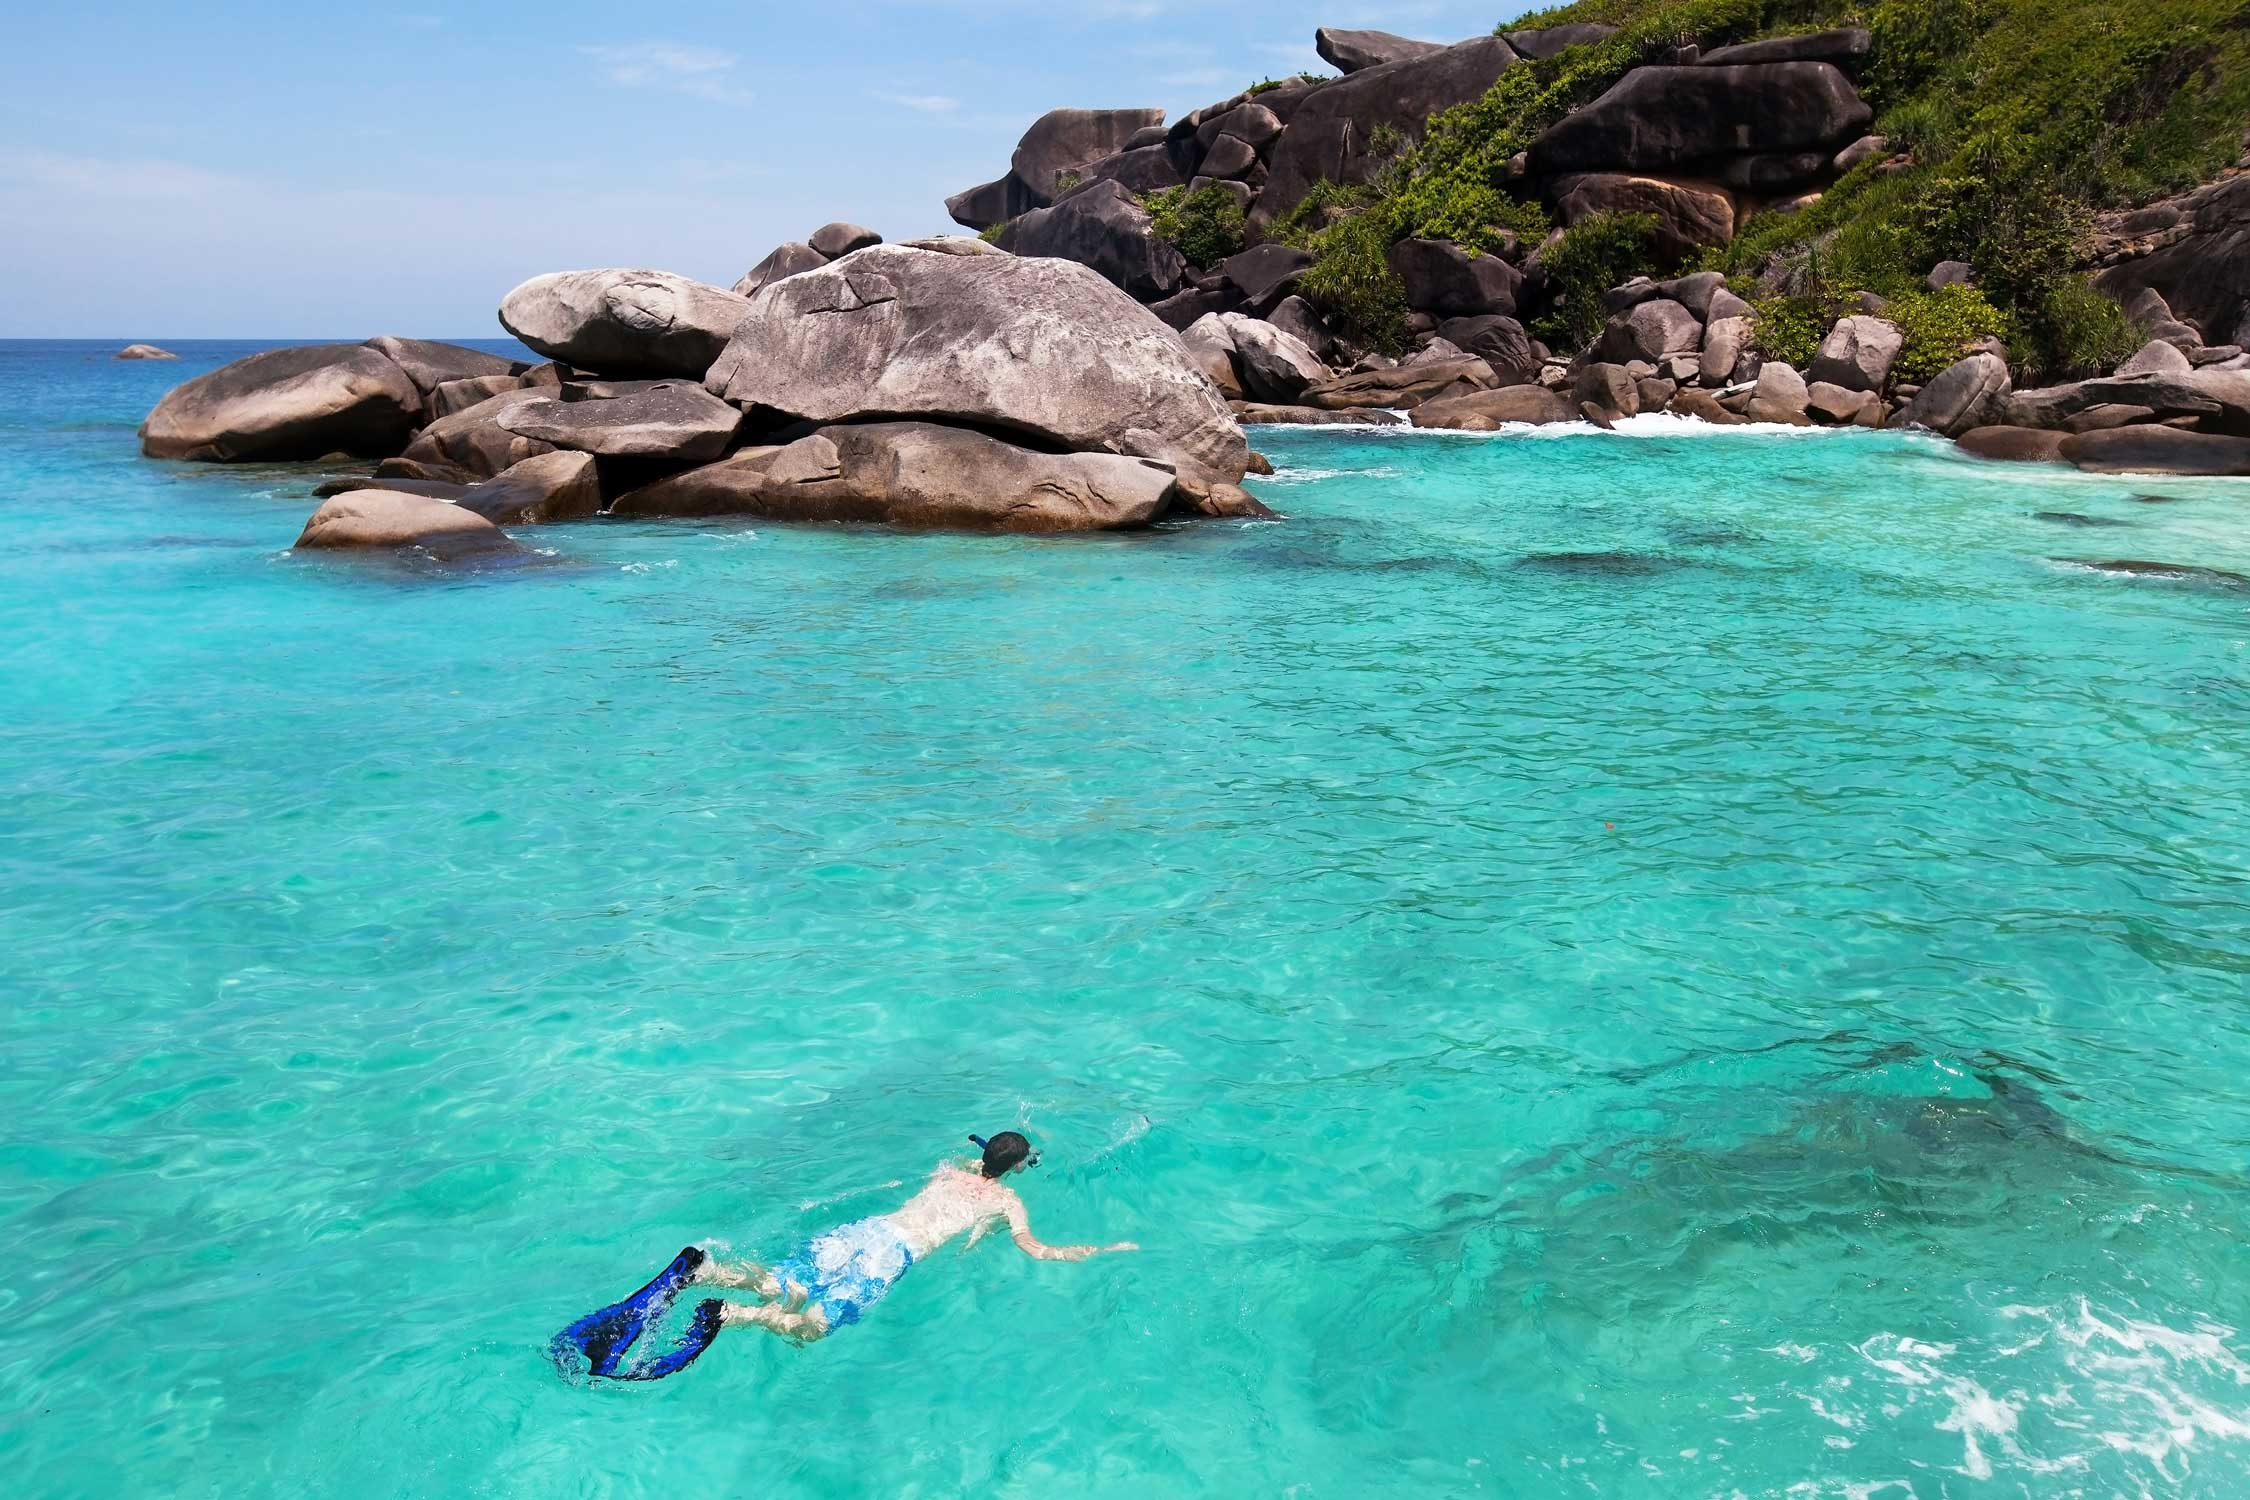 Snorkelen in de blauwe zee van de Seychellen